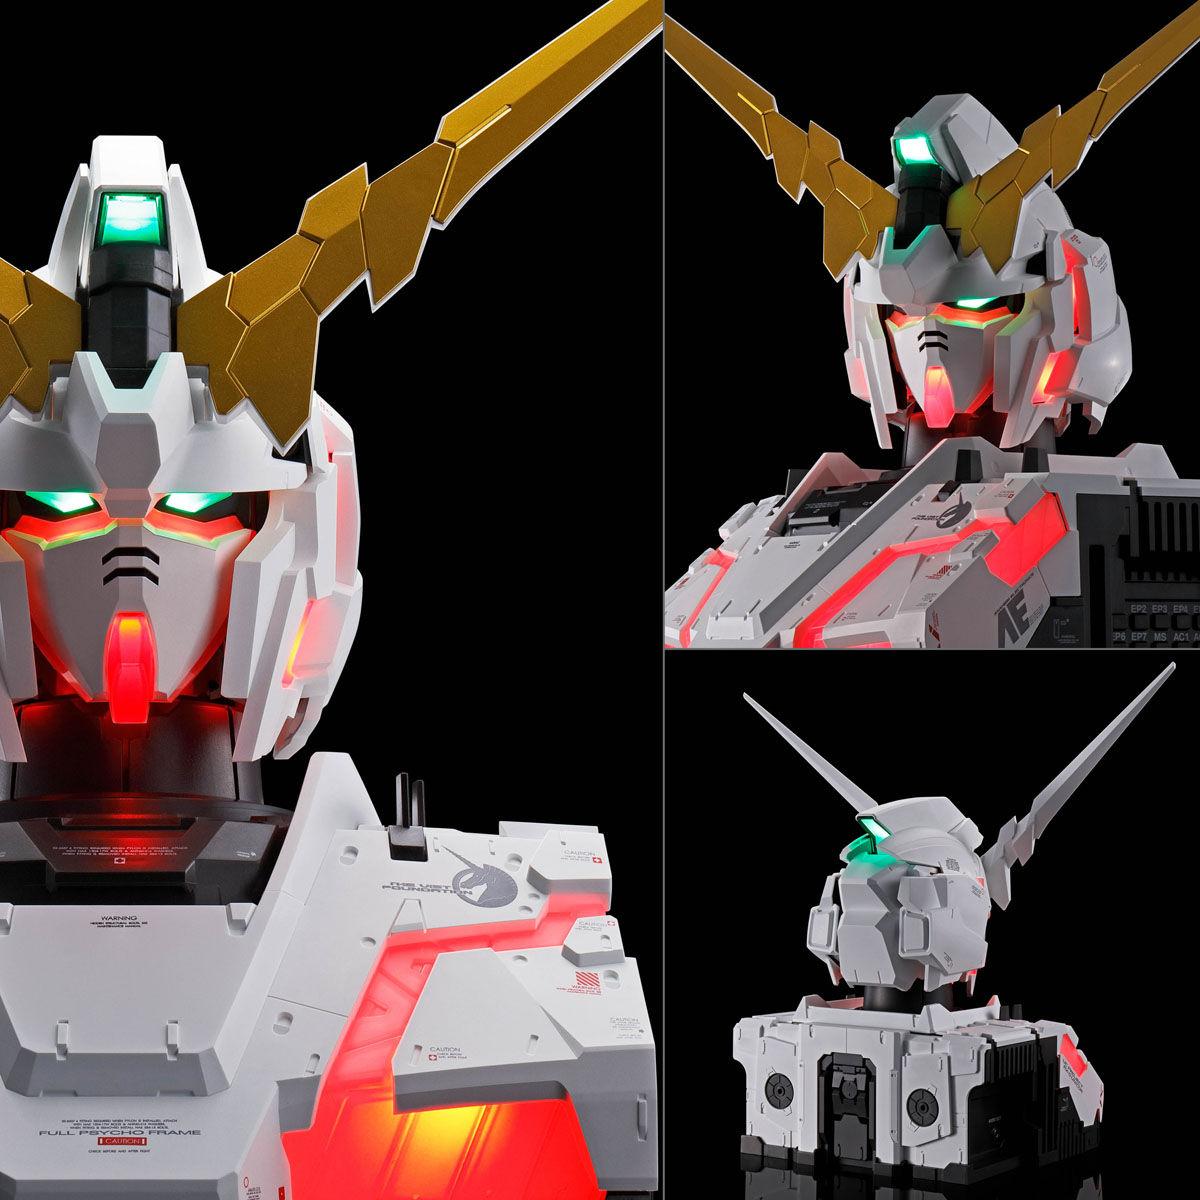 【限定販売】REAL EXPERIENCE MODEL『RX-0 ユニコーンガンダム(AUTO-TRANS edition)』ガンダムUC プラモデル-007